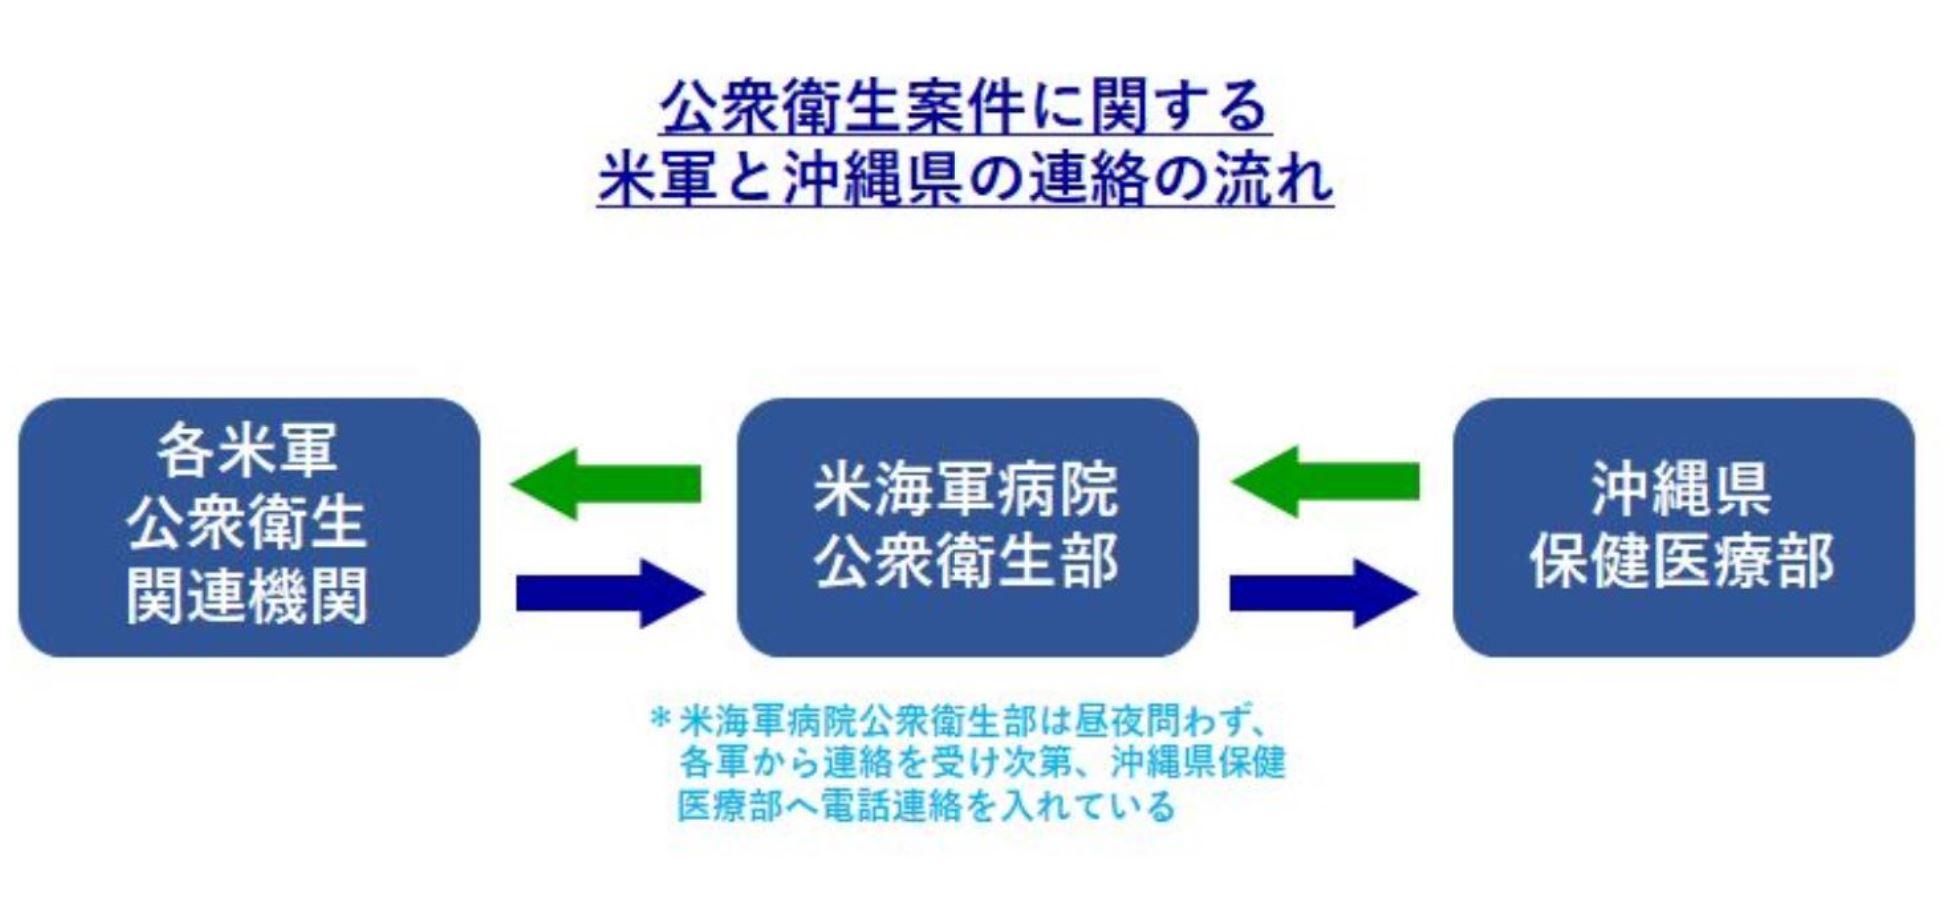 ニュース 沖縄 県